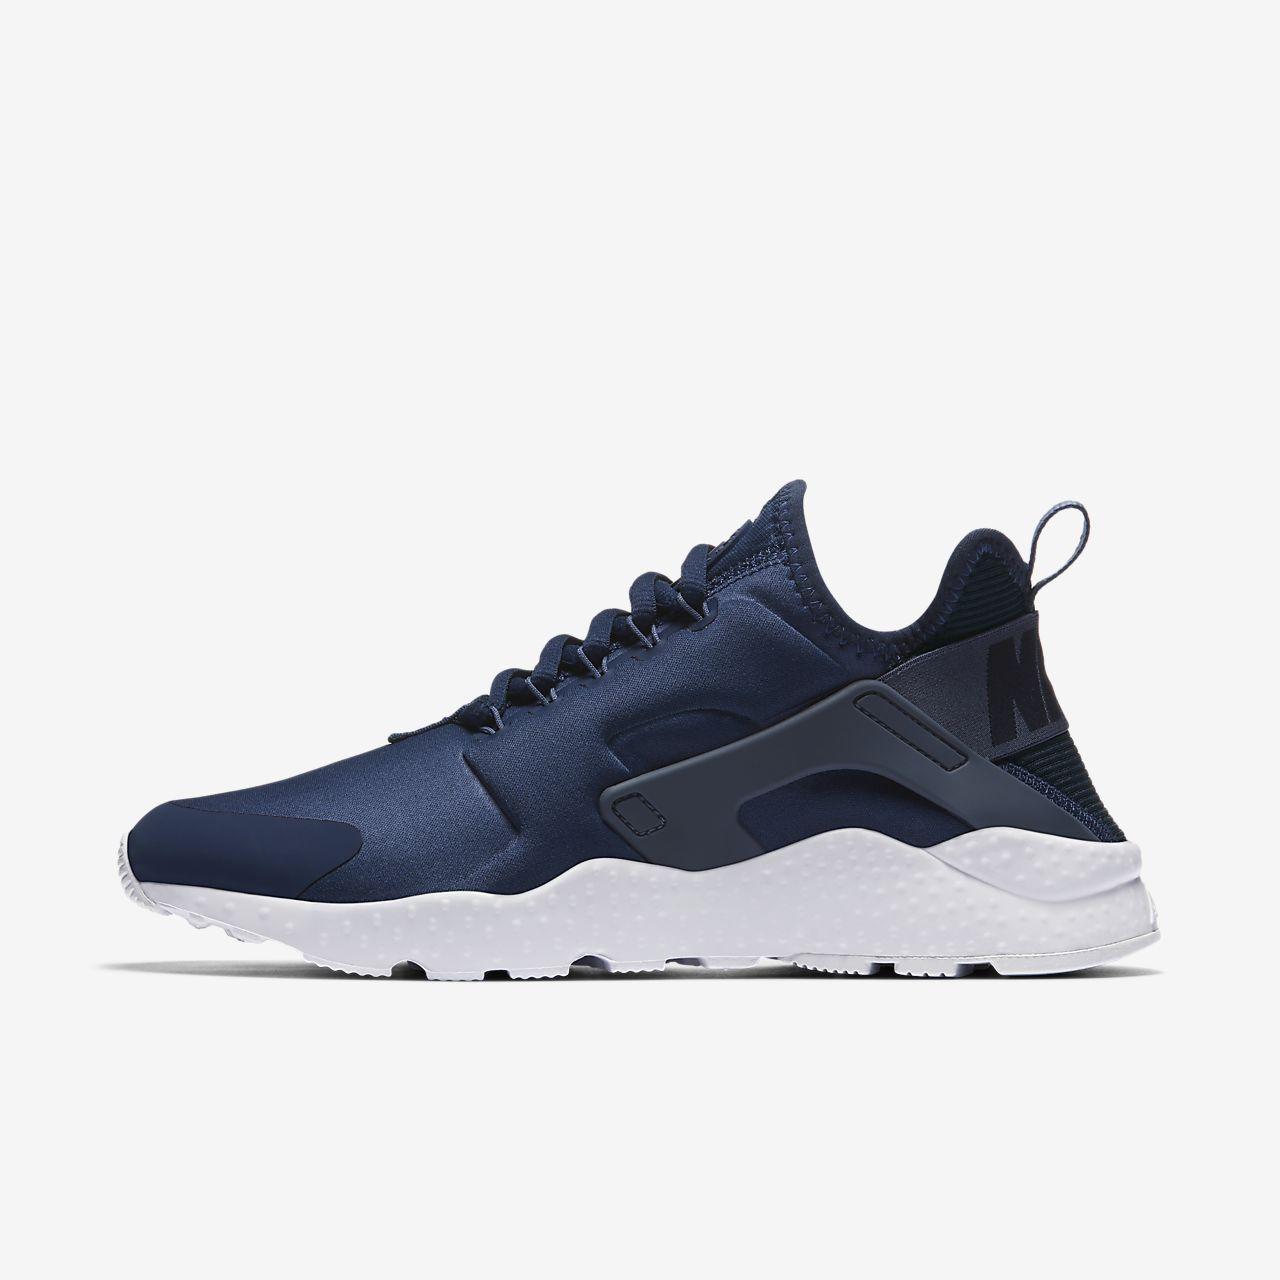 cheap for discount 16e08 6886c Nike Air Huarache Ultra Women s Shoe